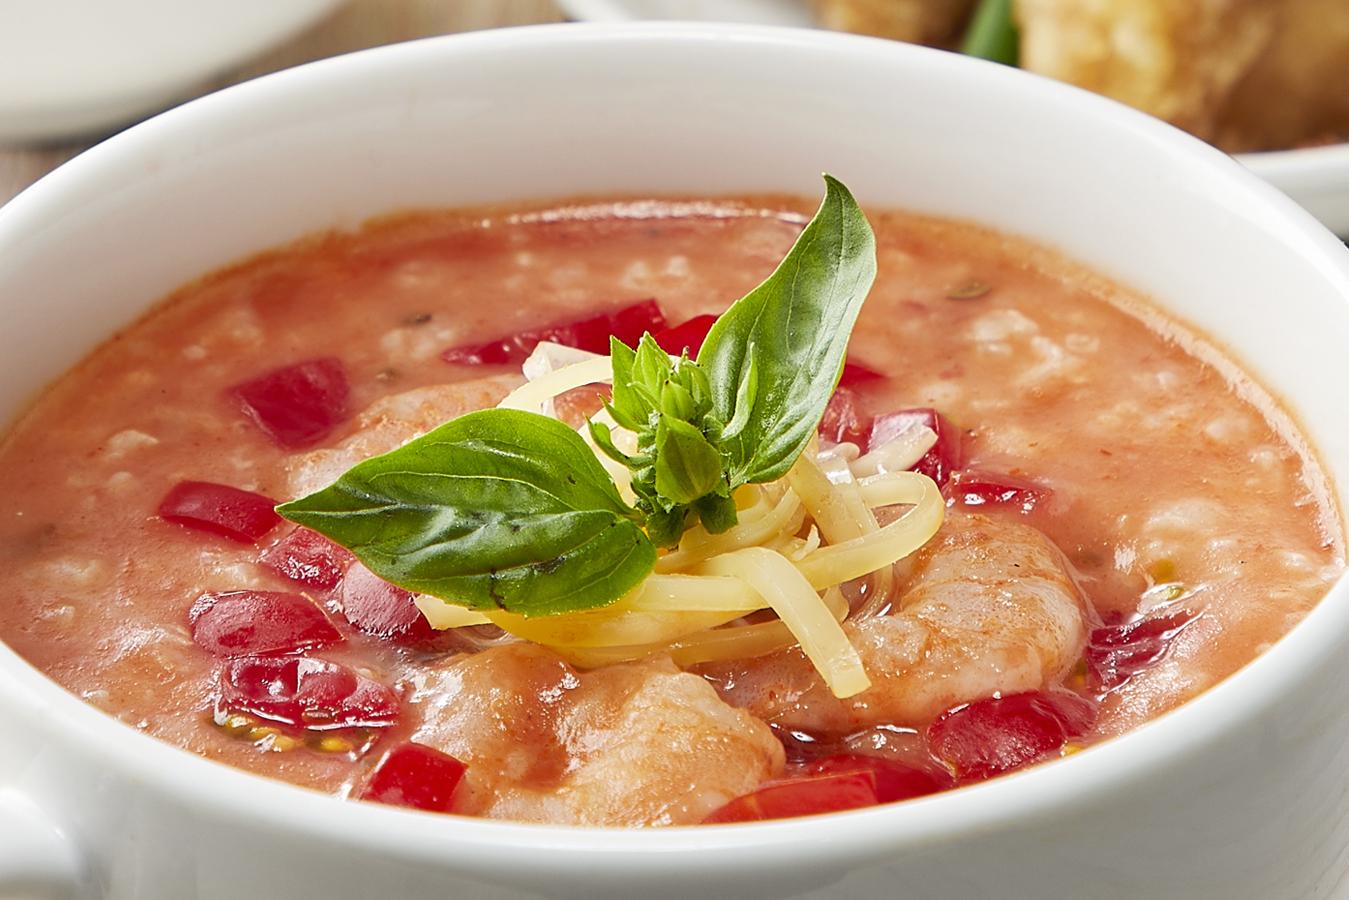 季節のおすすめメニュー「海老とトマトのイタリアン粥」販売開始!